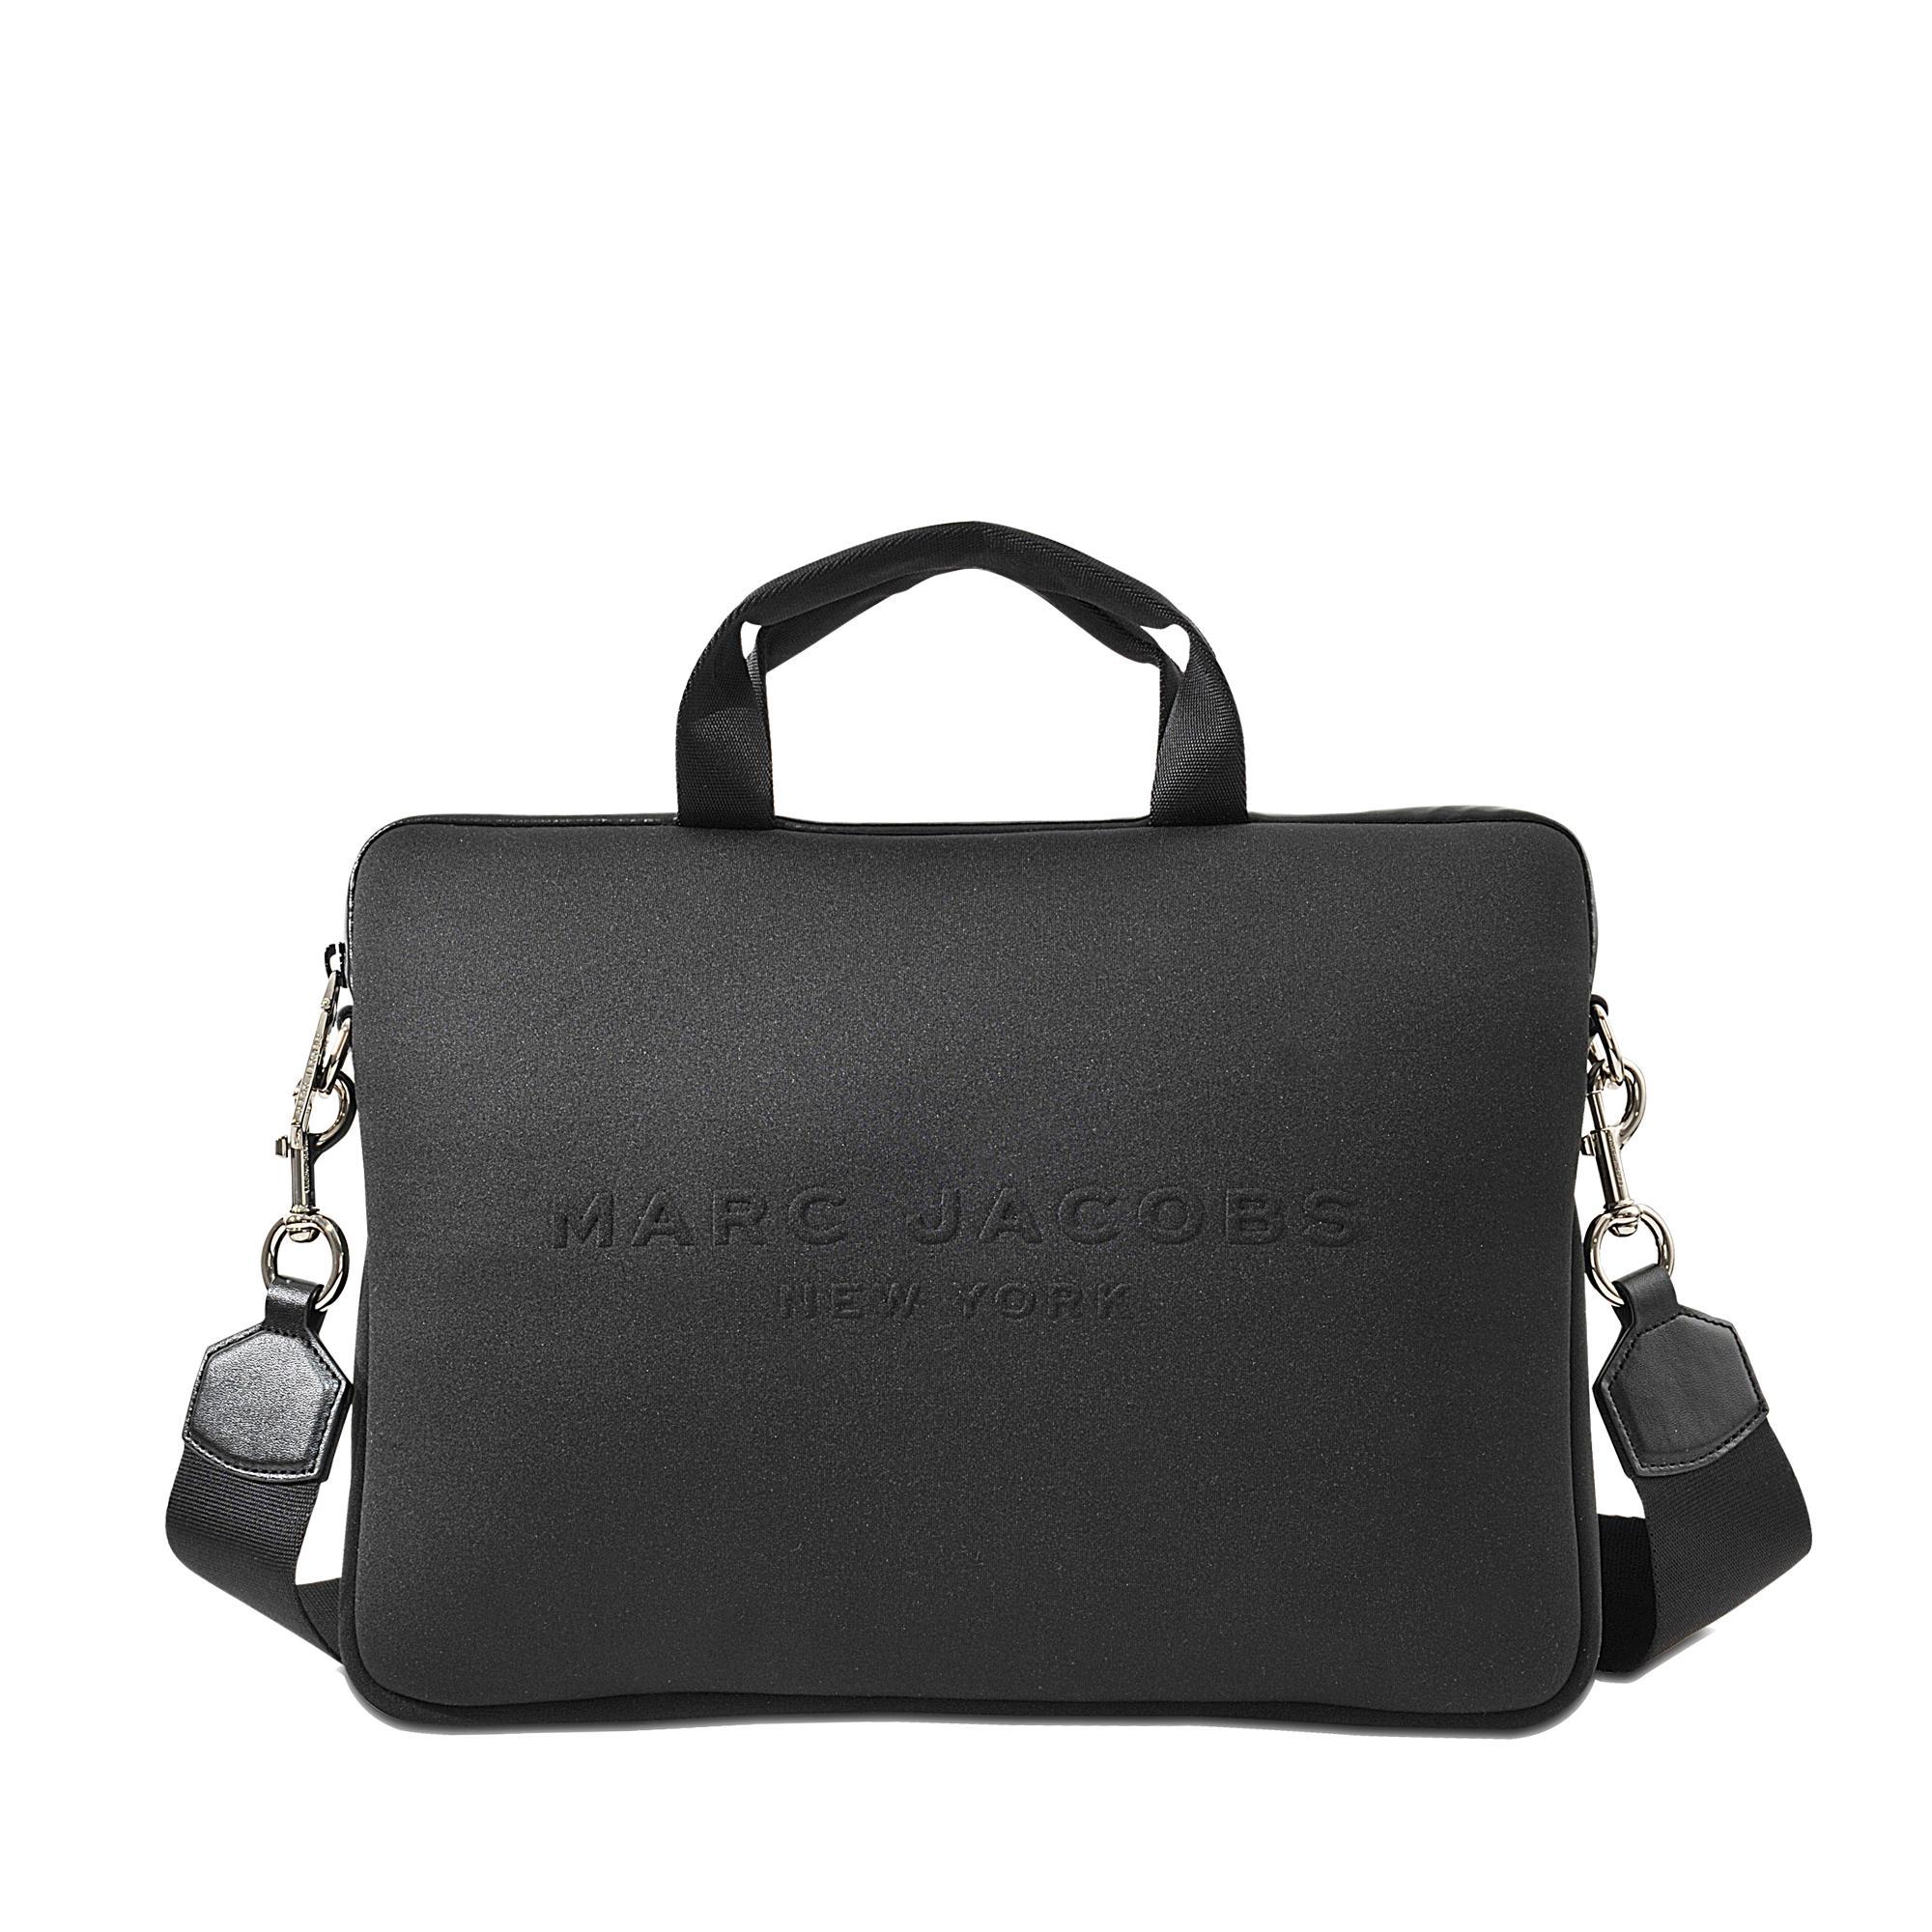 1451597ae9 Sac ordinateur 13' Marc Jacobs en coloris Noir - Lyst